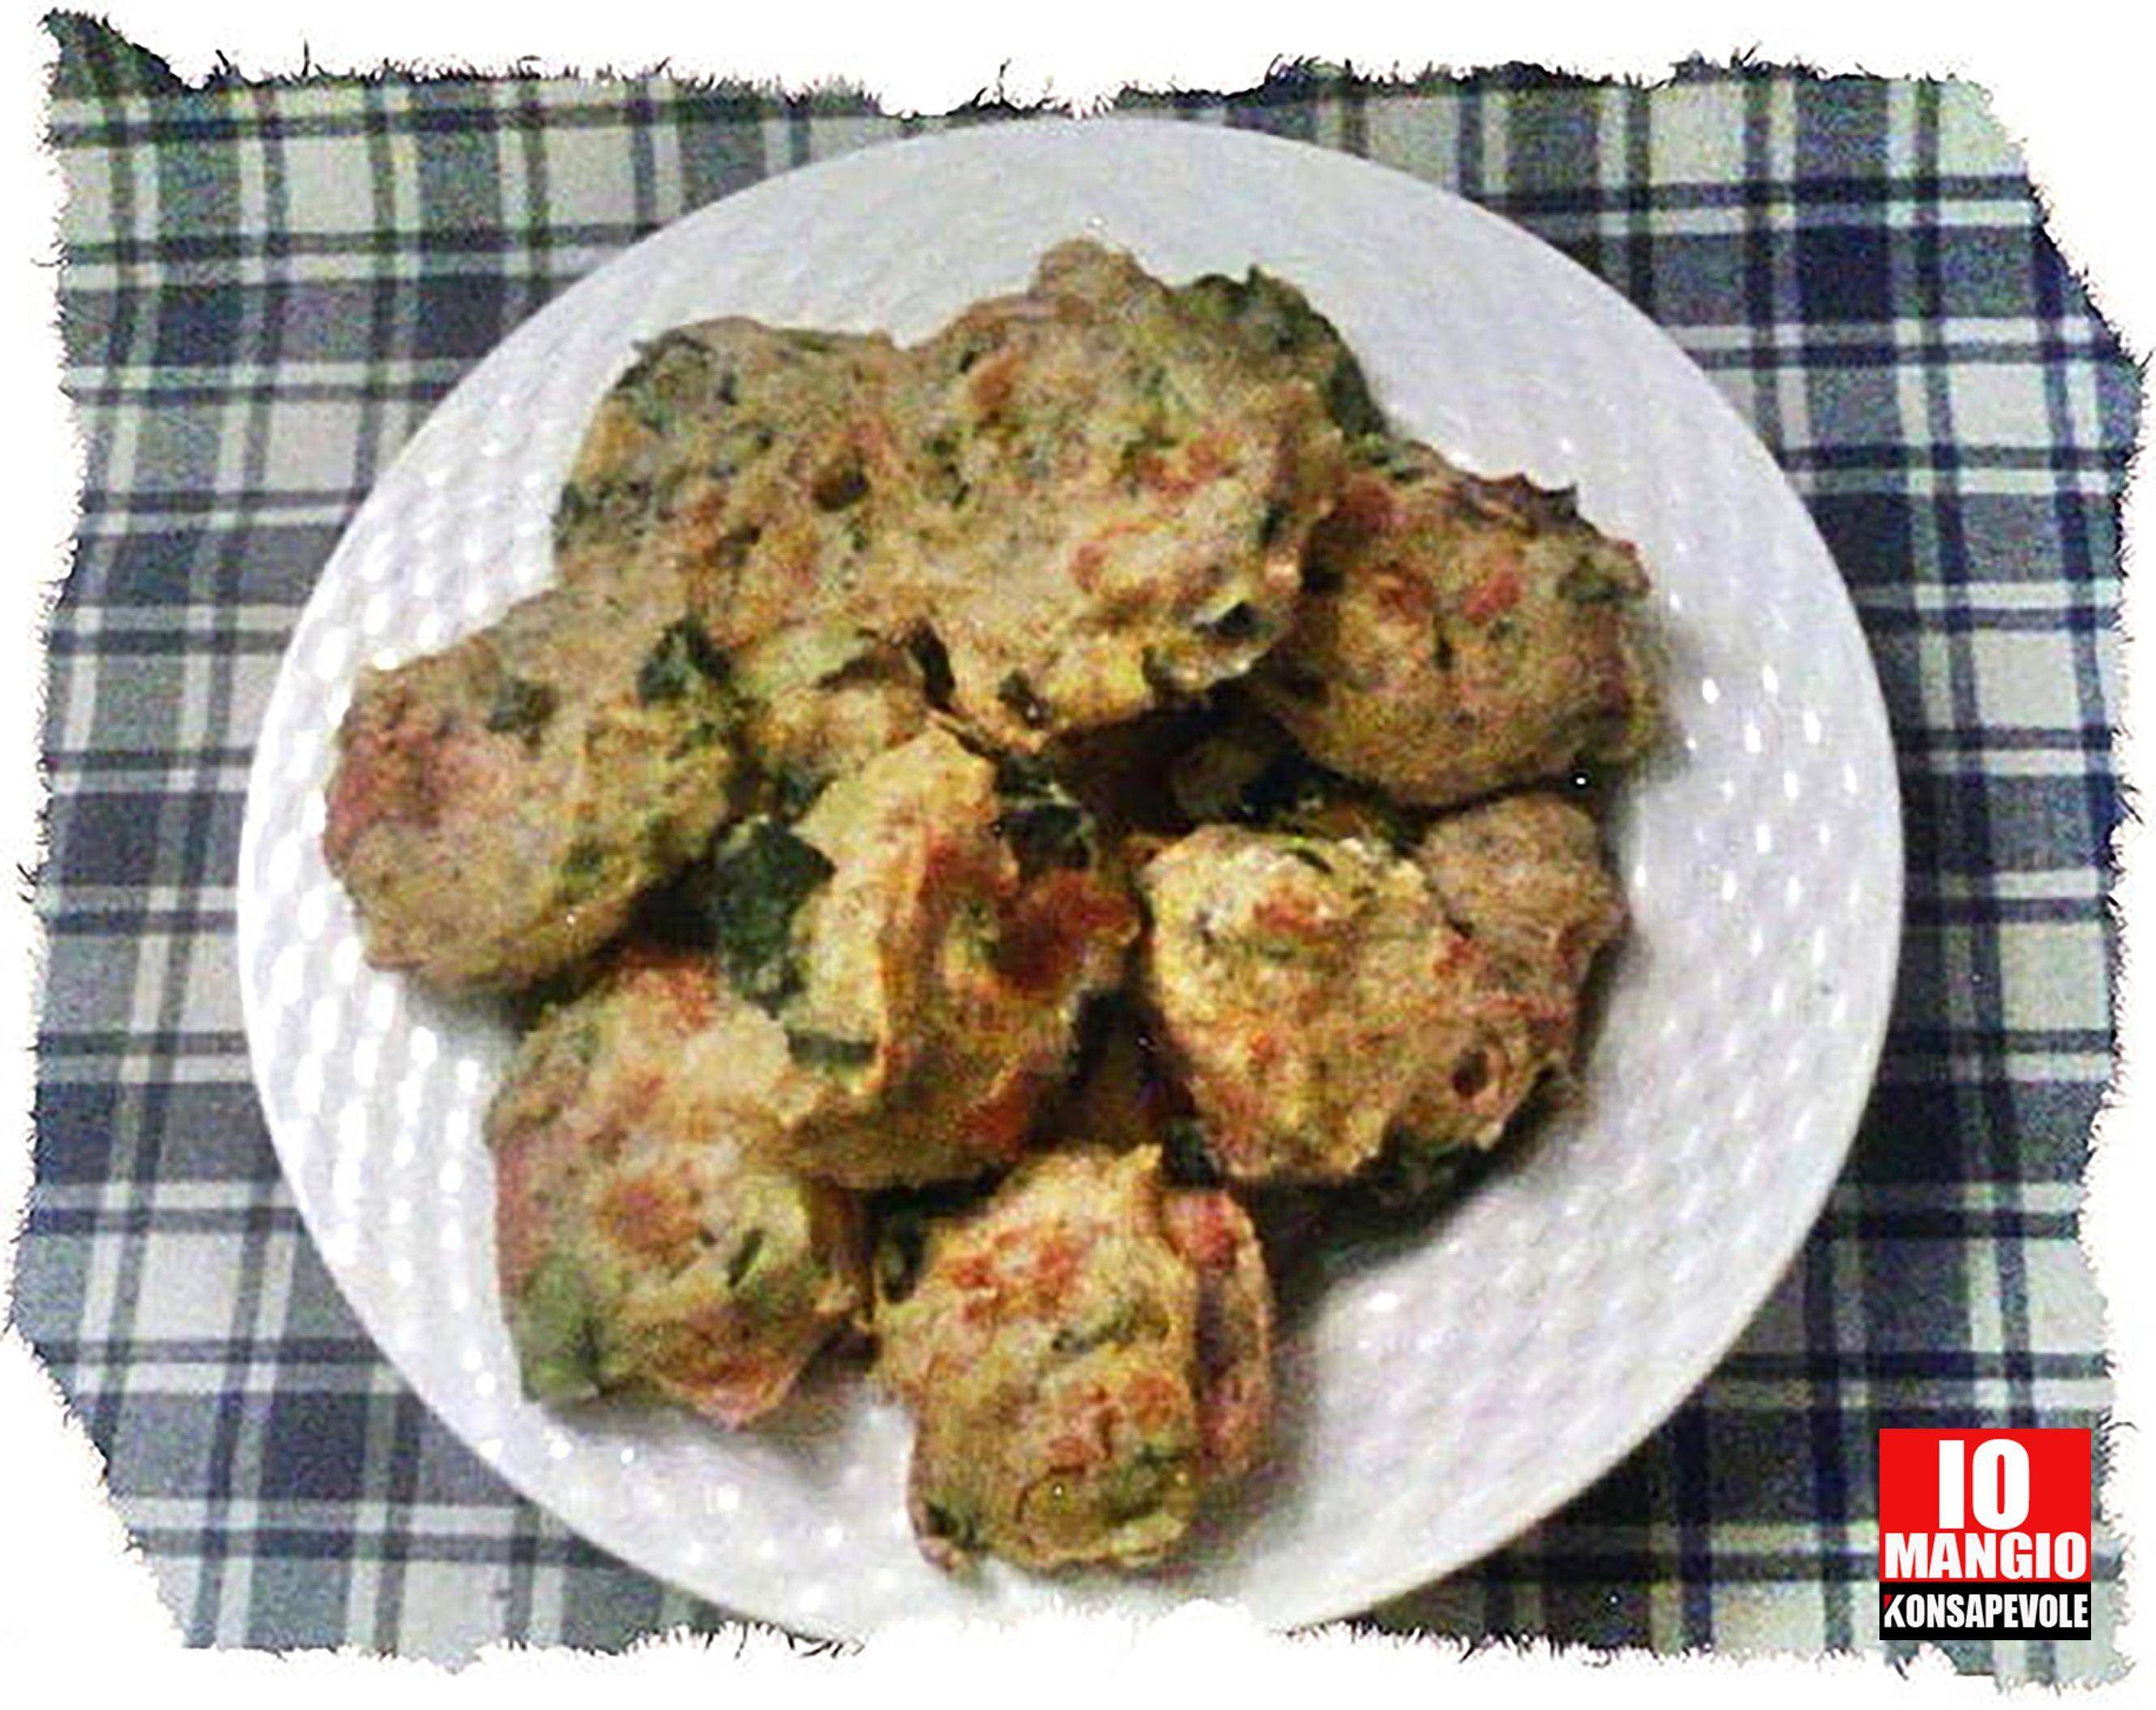 Polpette di zucchine.  600 grammi di zucchine 1 cucchiaio di prezzemolo tritato 3 cucchiai di parmigiano grattugiato 80 grammi di prosciutto cotto a dadini 1 uovo 150 grammi di farina integrale sale, pepe, spezie a piacere